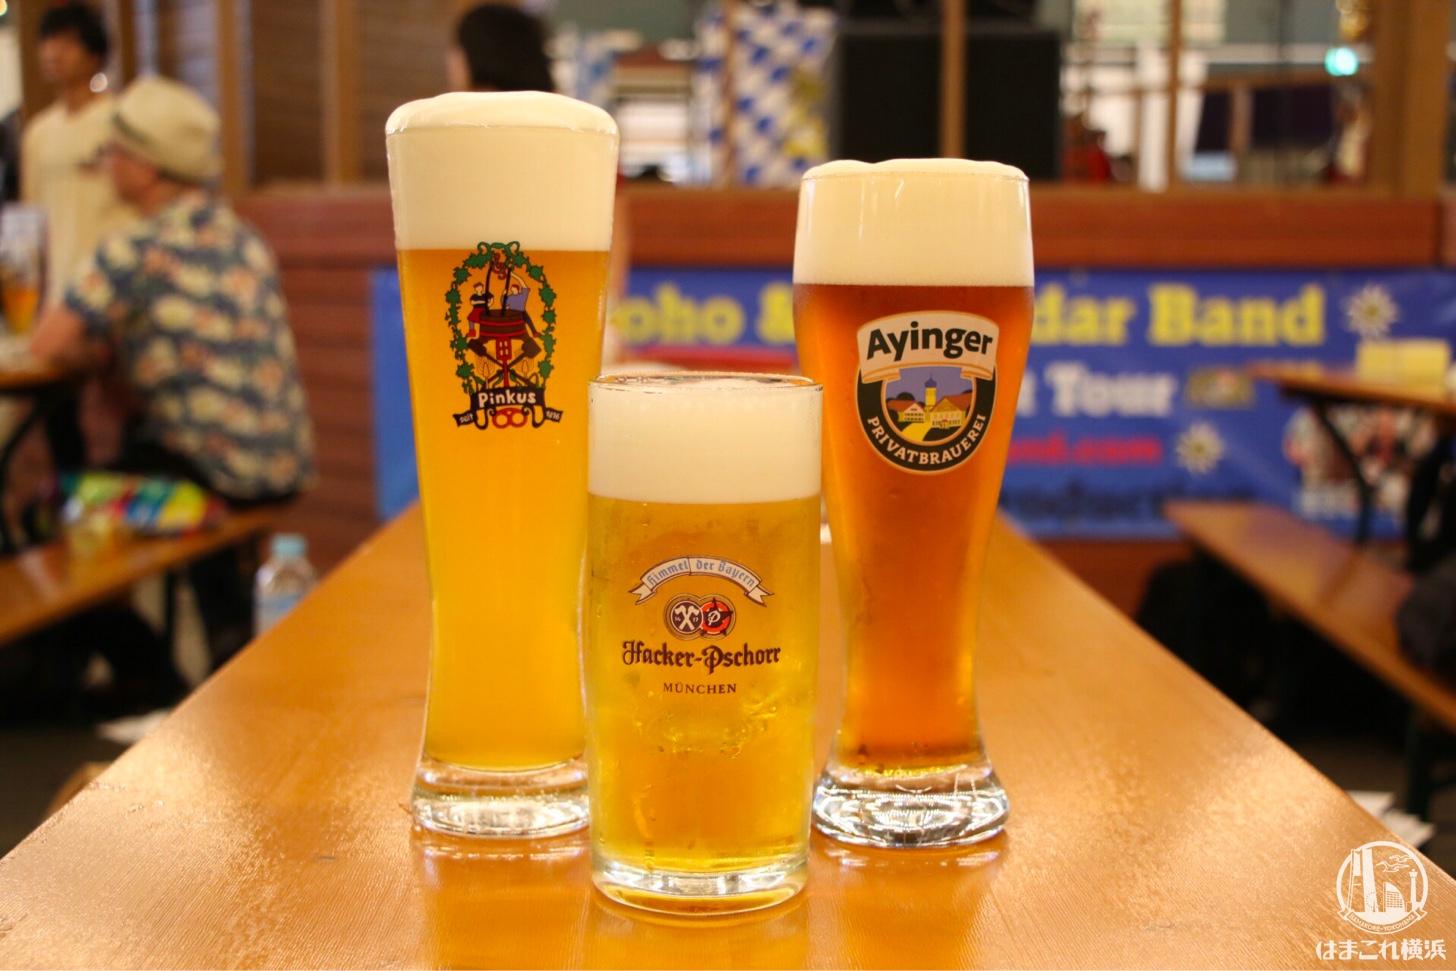 日本初上陸ビール・関東初上陸ビール